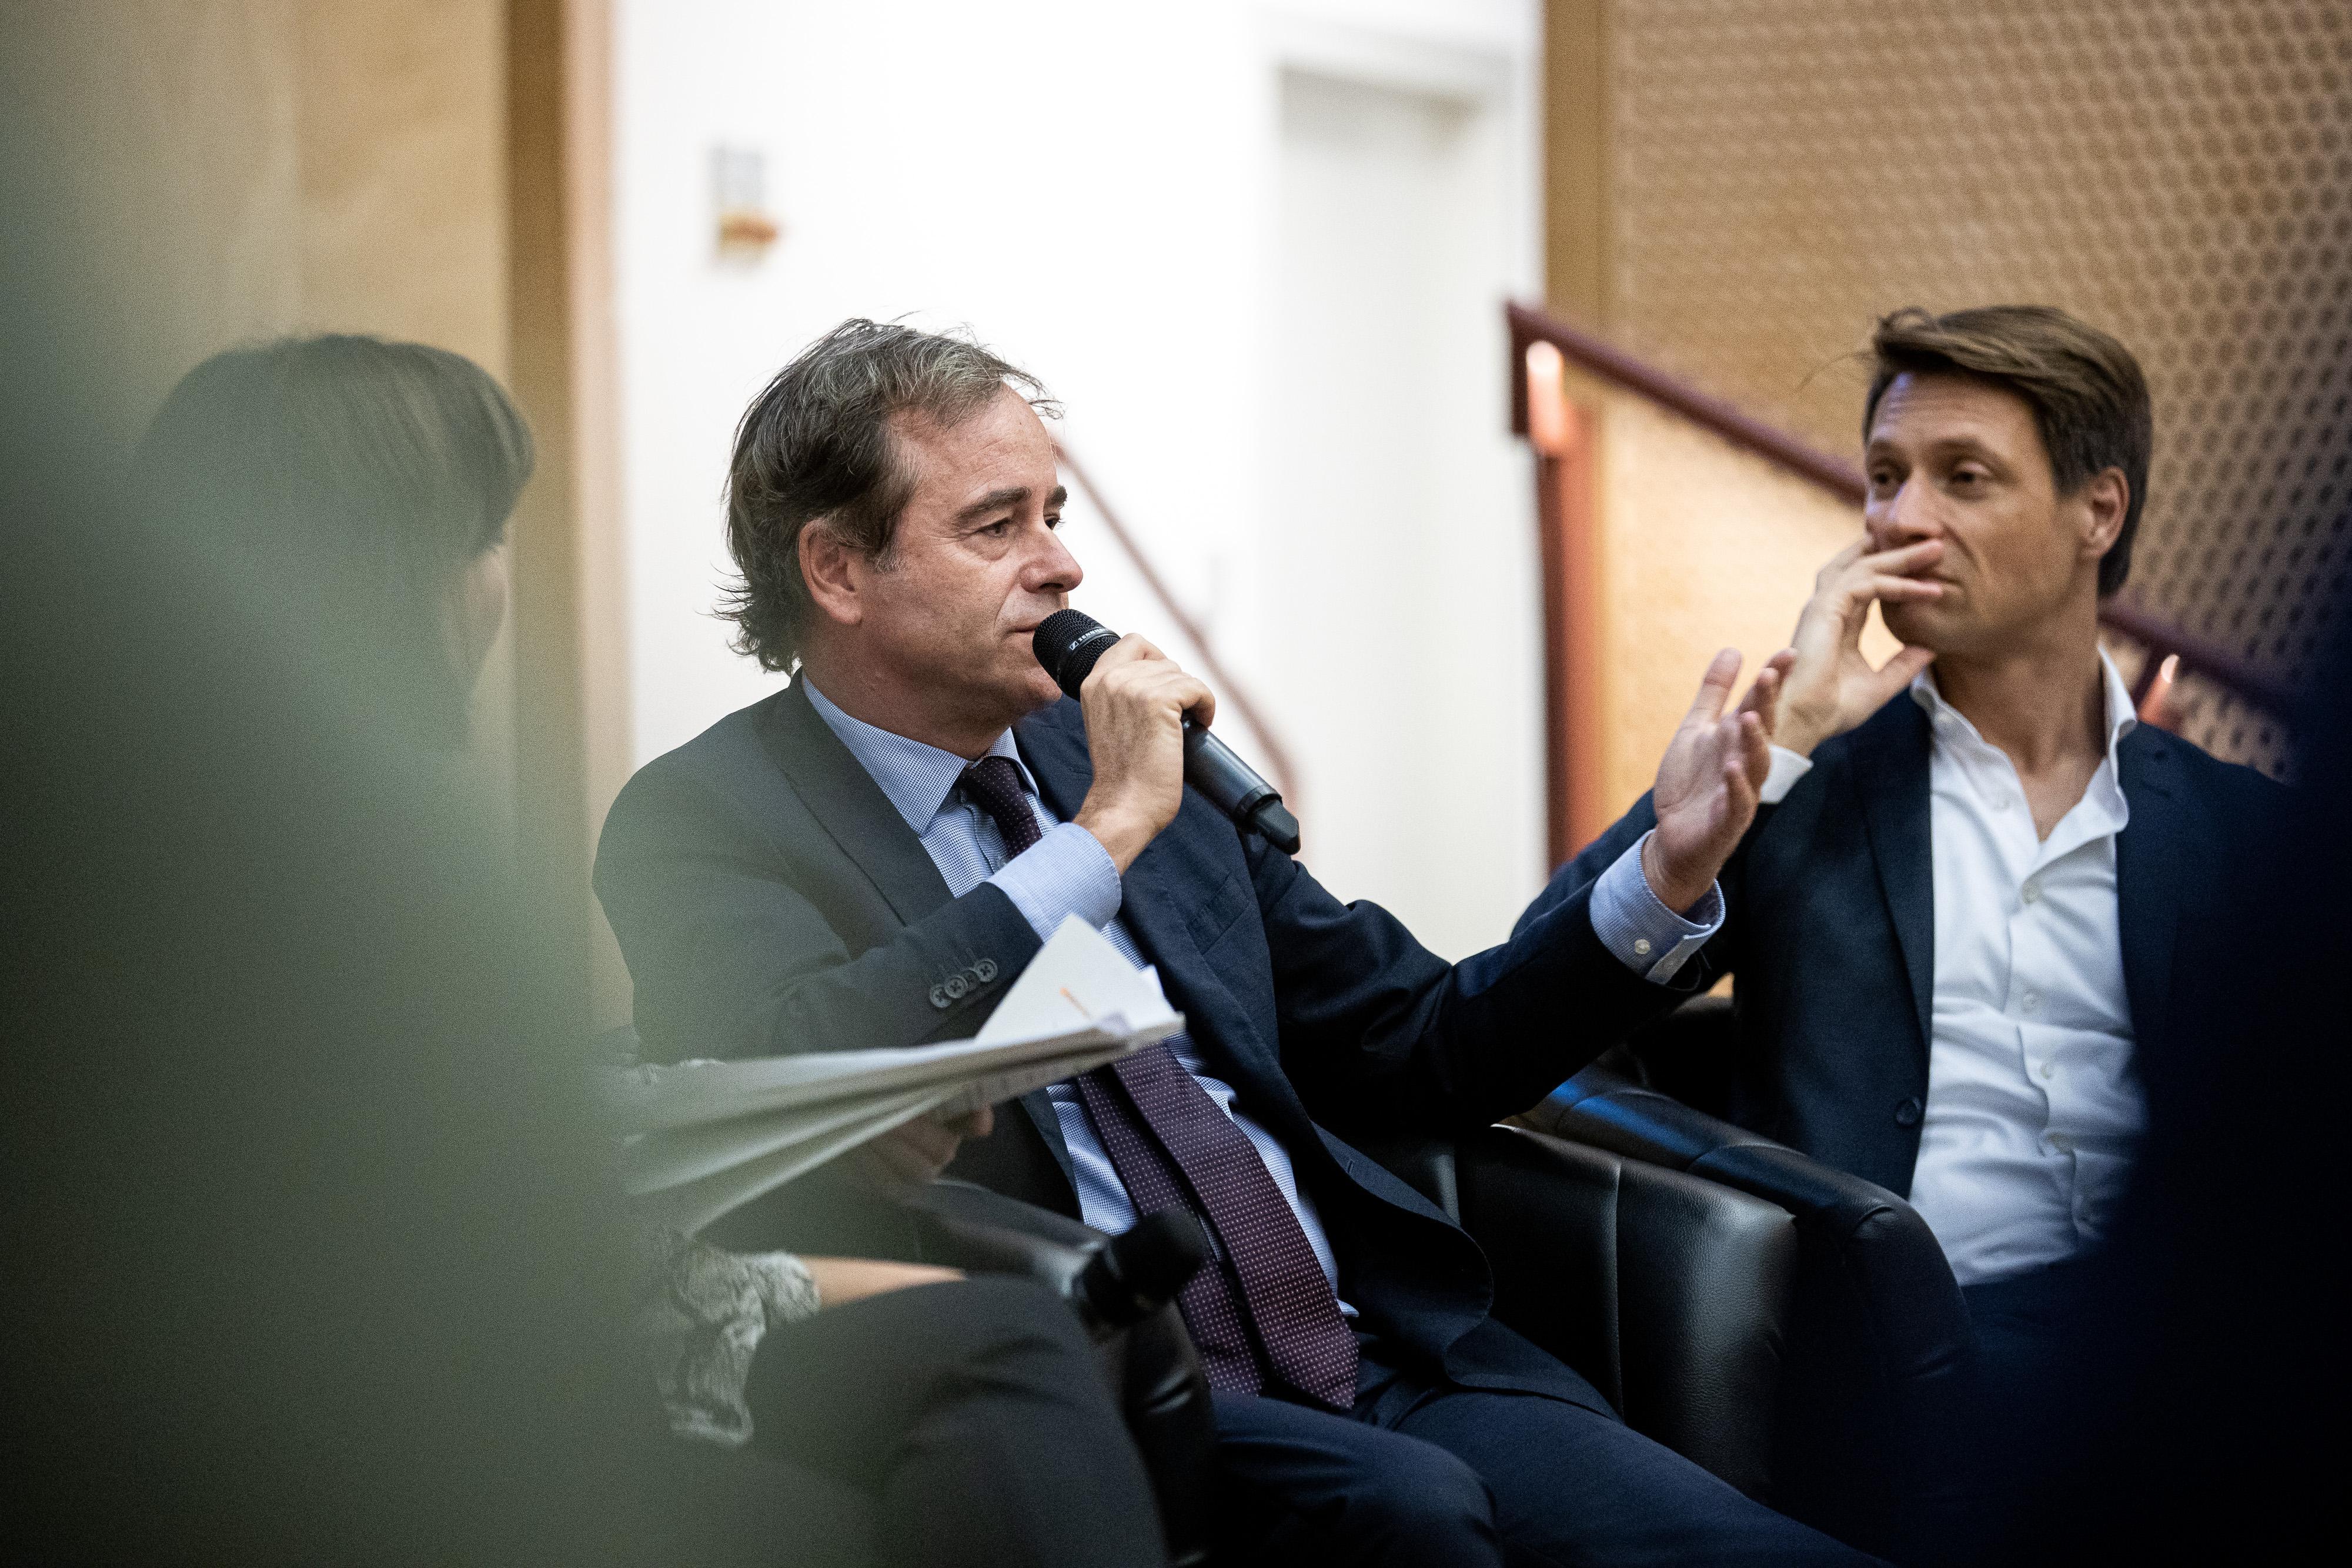 Dutch Ambassador Rene van Hell - Photo: CEU / Kepszerkesztoseg (Andras Dimeny)